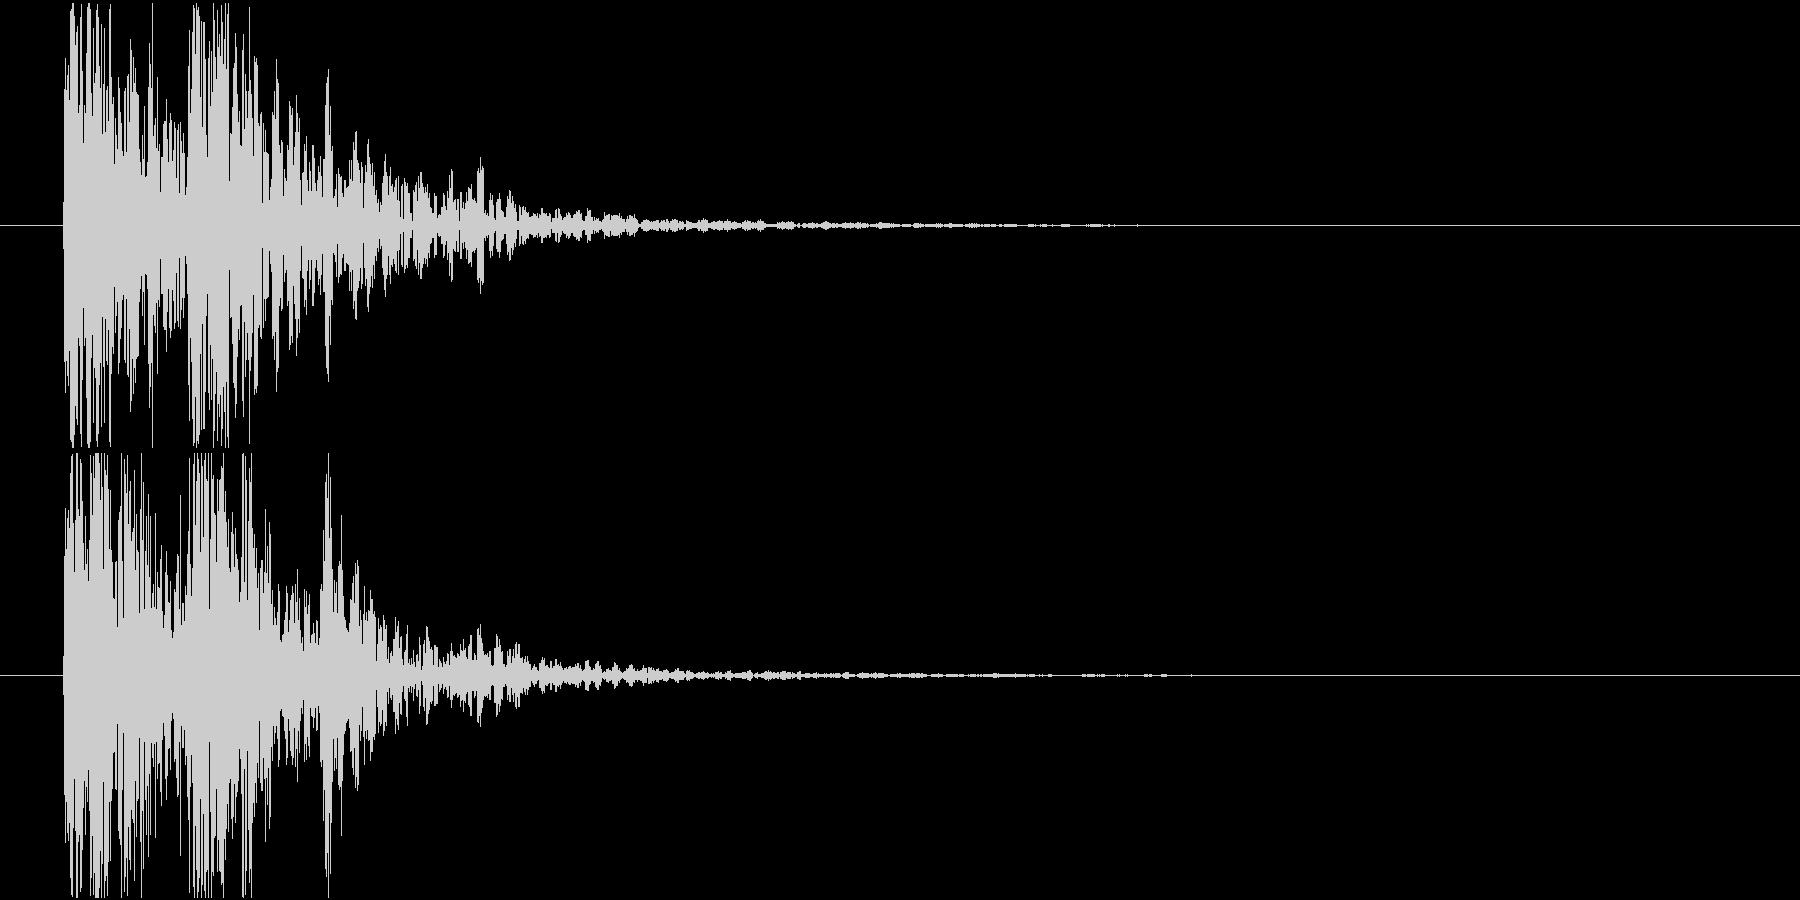 太鼓の音(低音)の未再生の波形